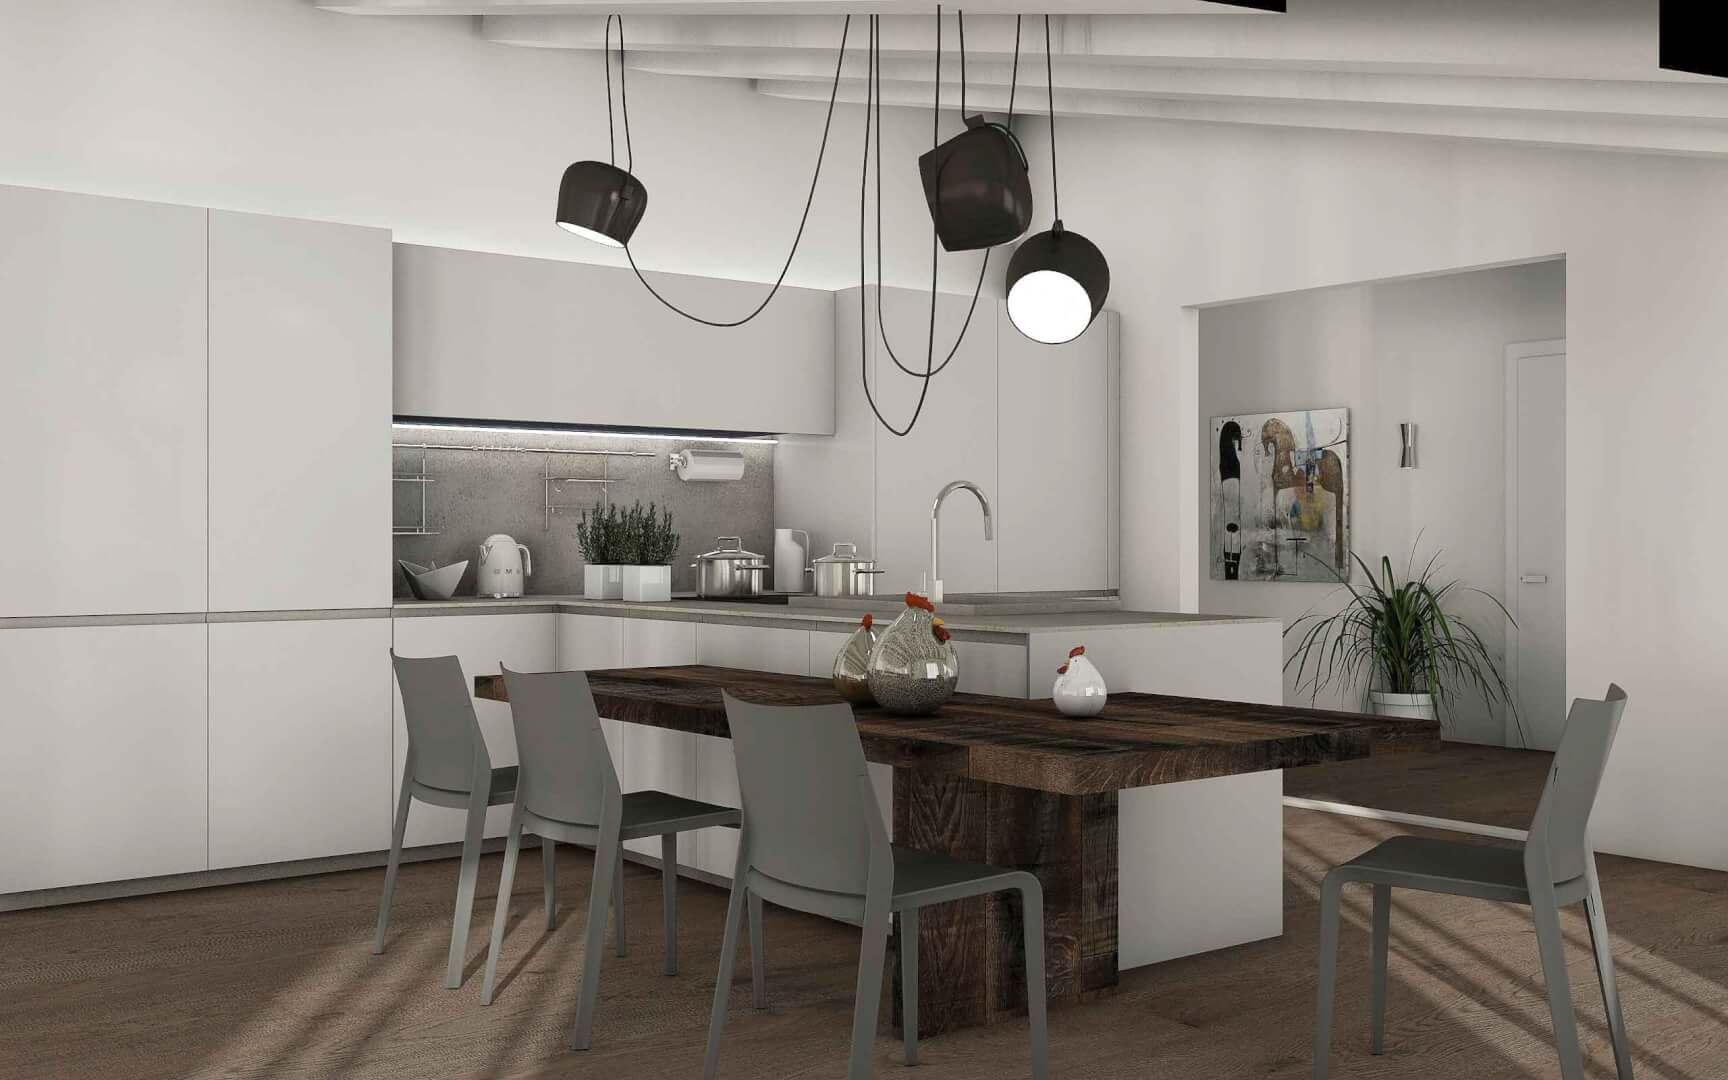 Cucina Devincenti Multiliving - negozio arredamento Mantova